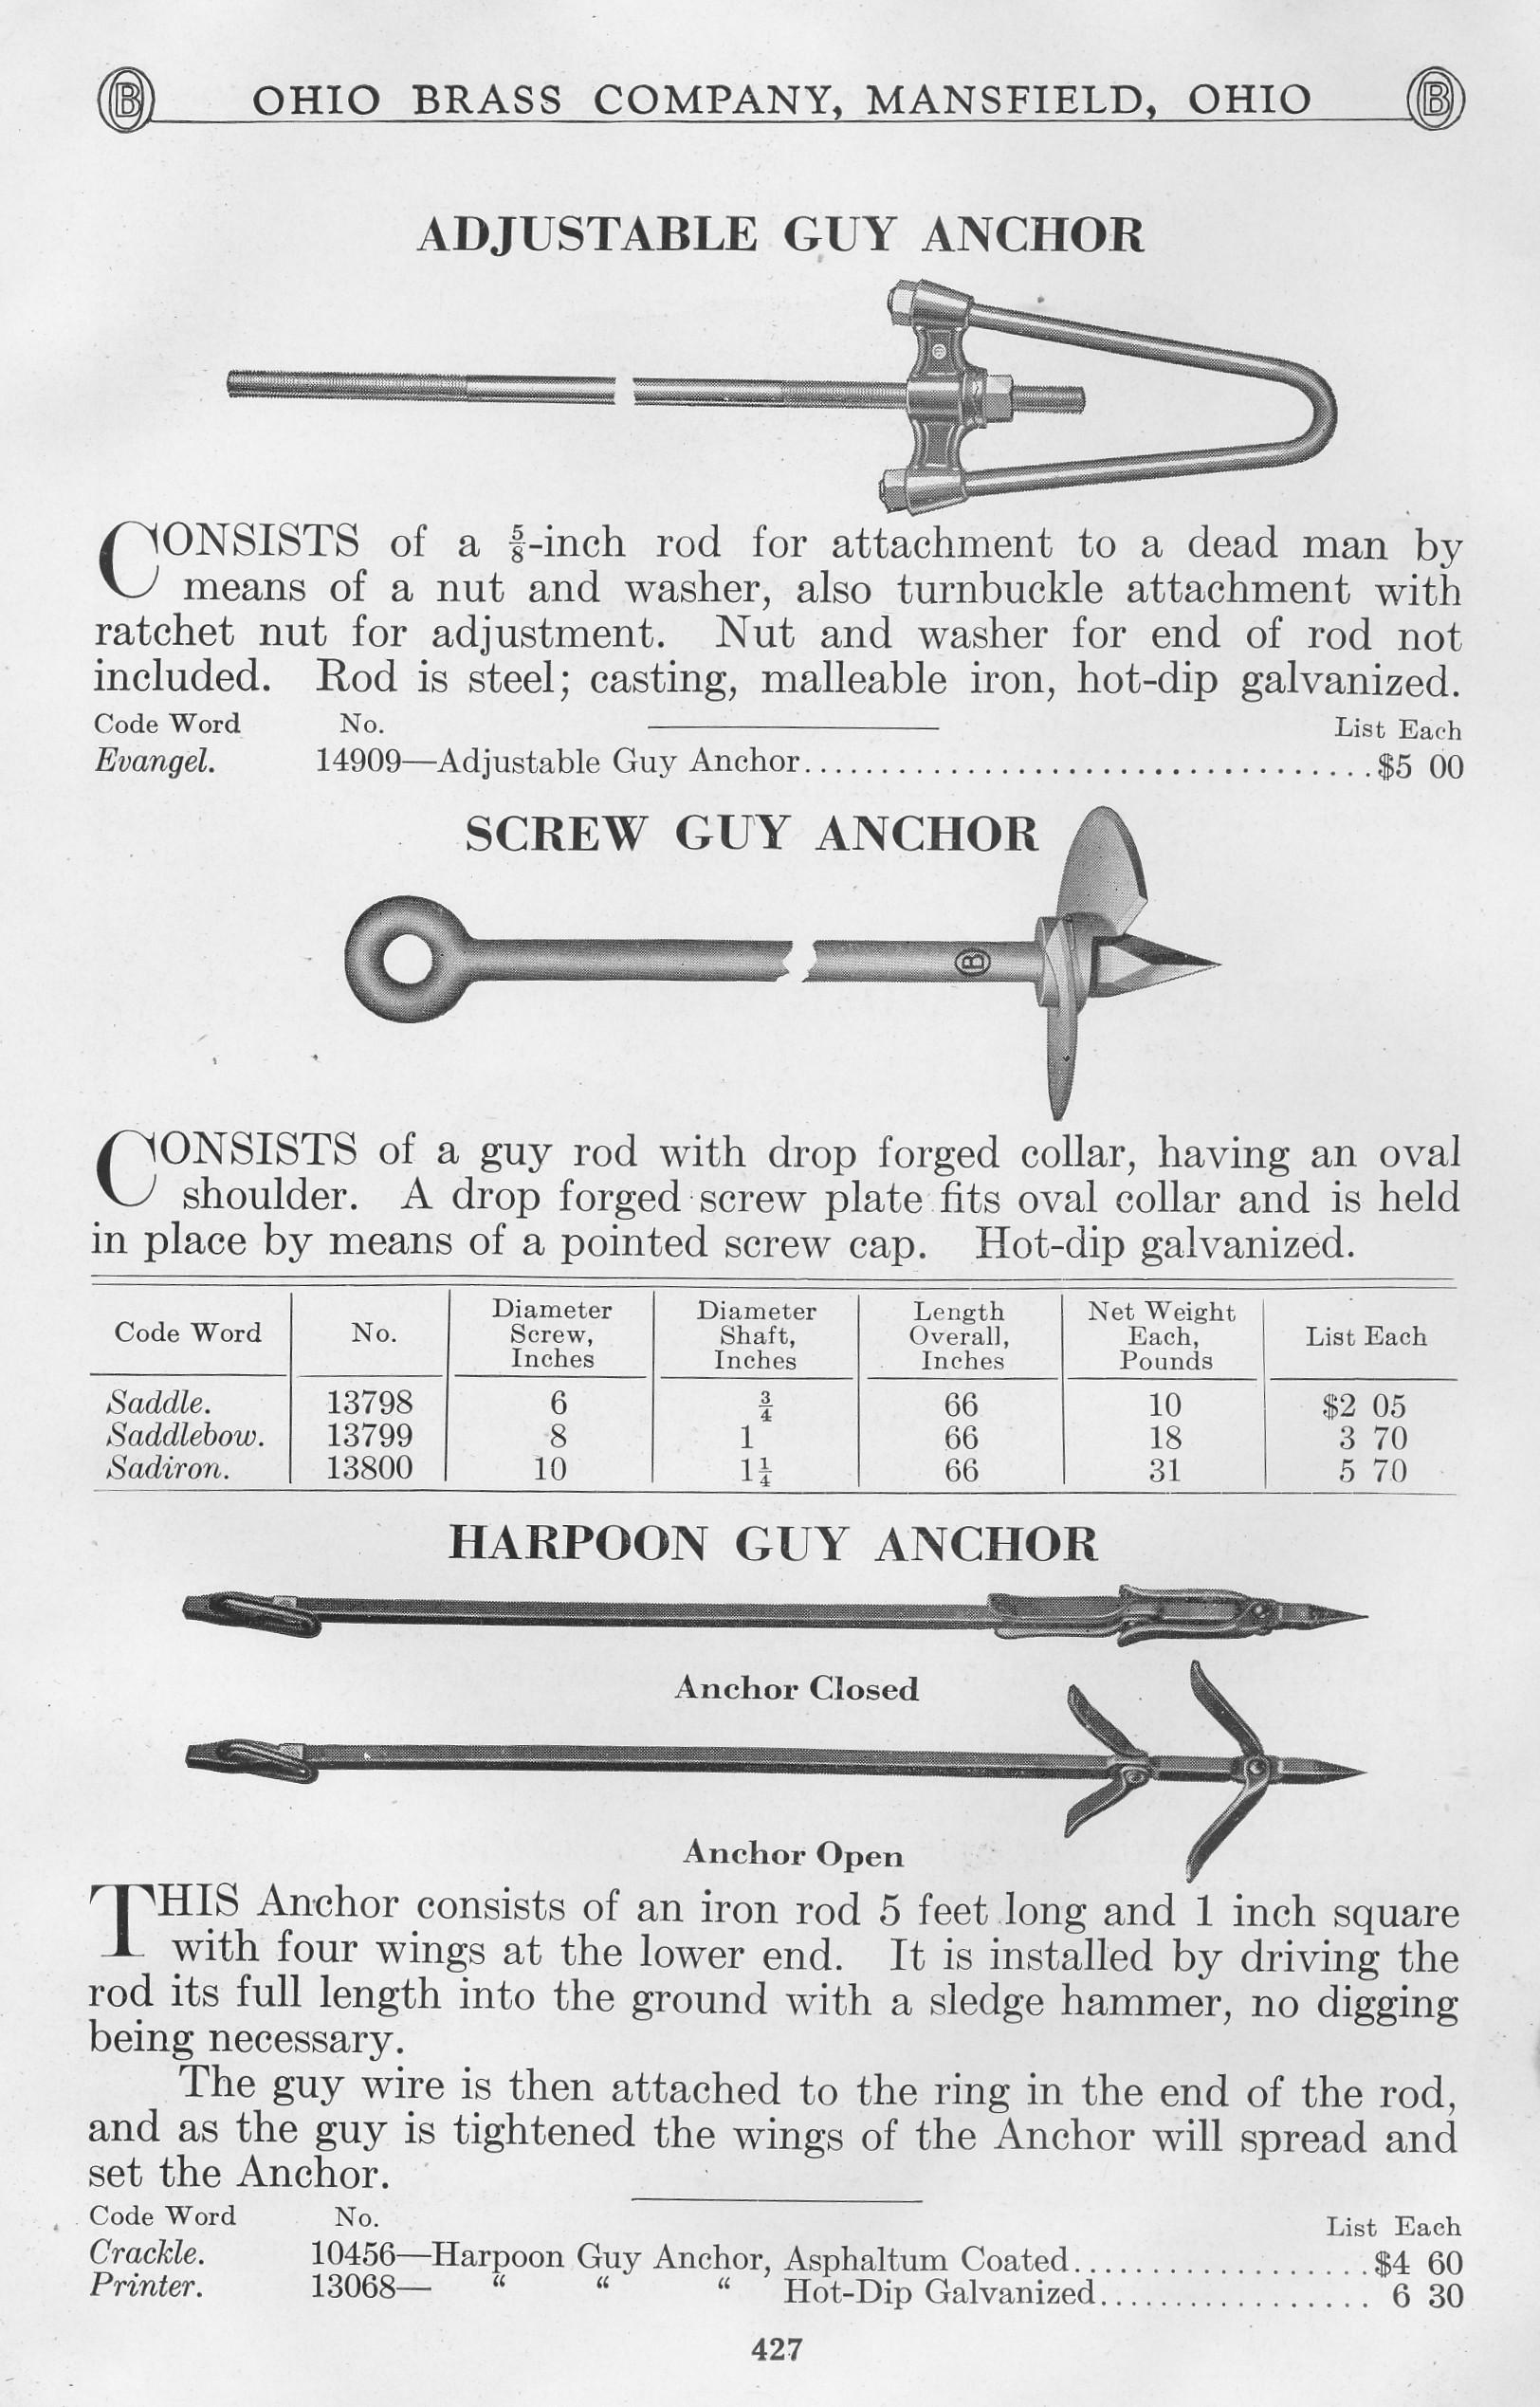 ob-guy-anchors